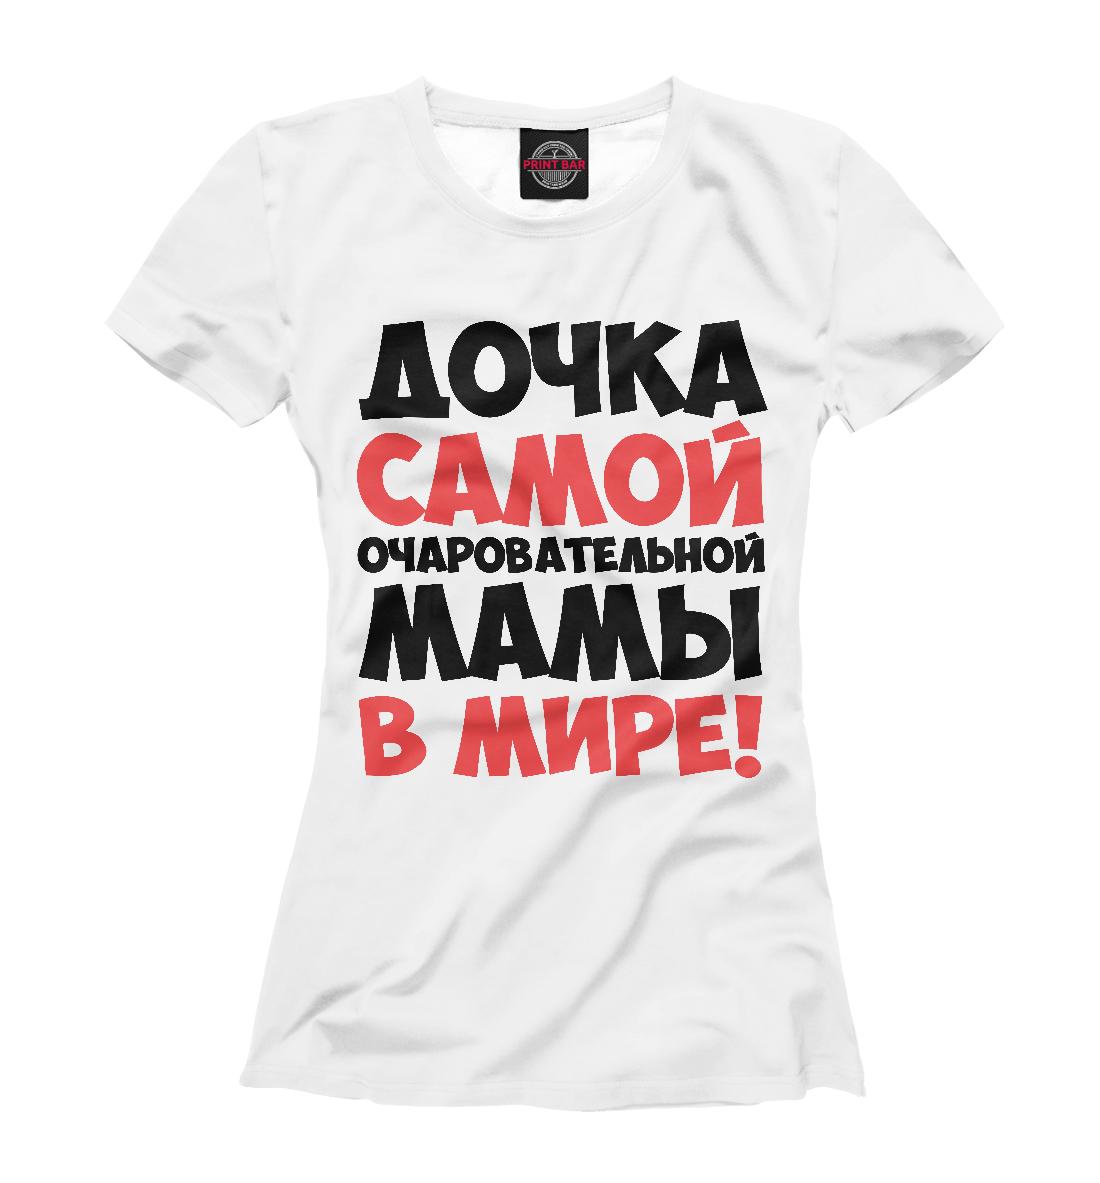 Купить Дочка очаровательной мамы, Printbar, Футболки, NDP-748464-fut-1